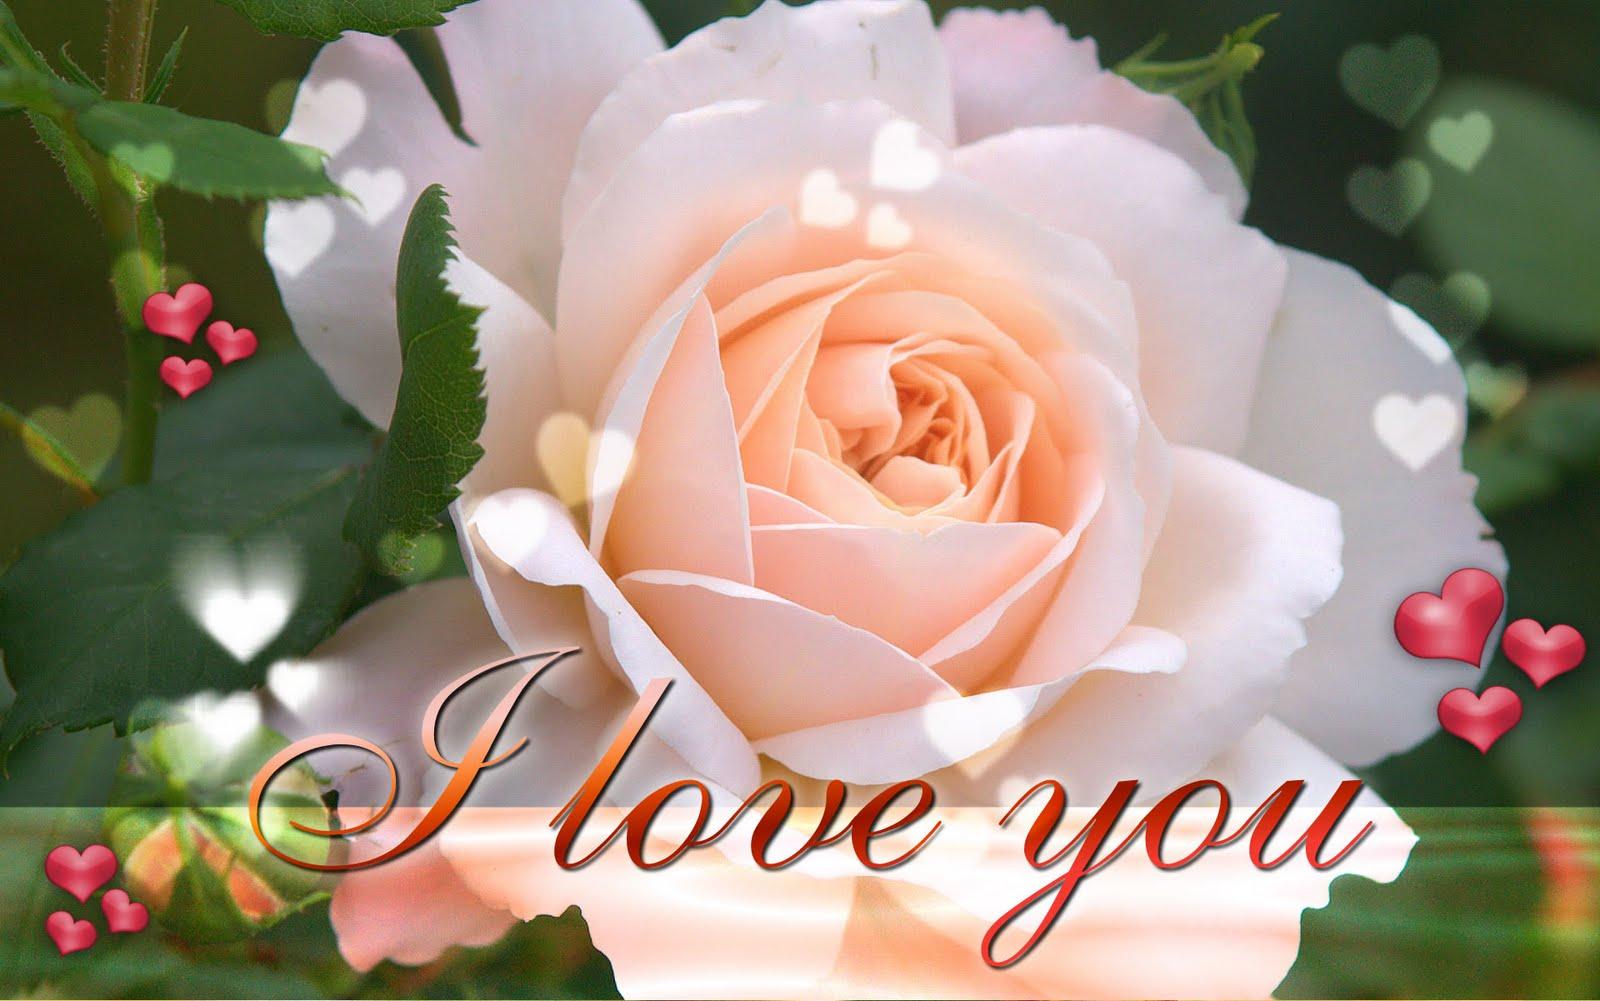 i love you wallpaper hd,flower,flowering plant,garden roses,rose,floribunda